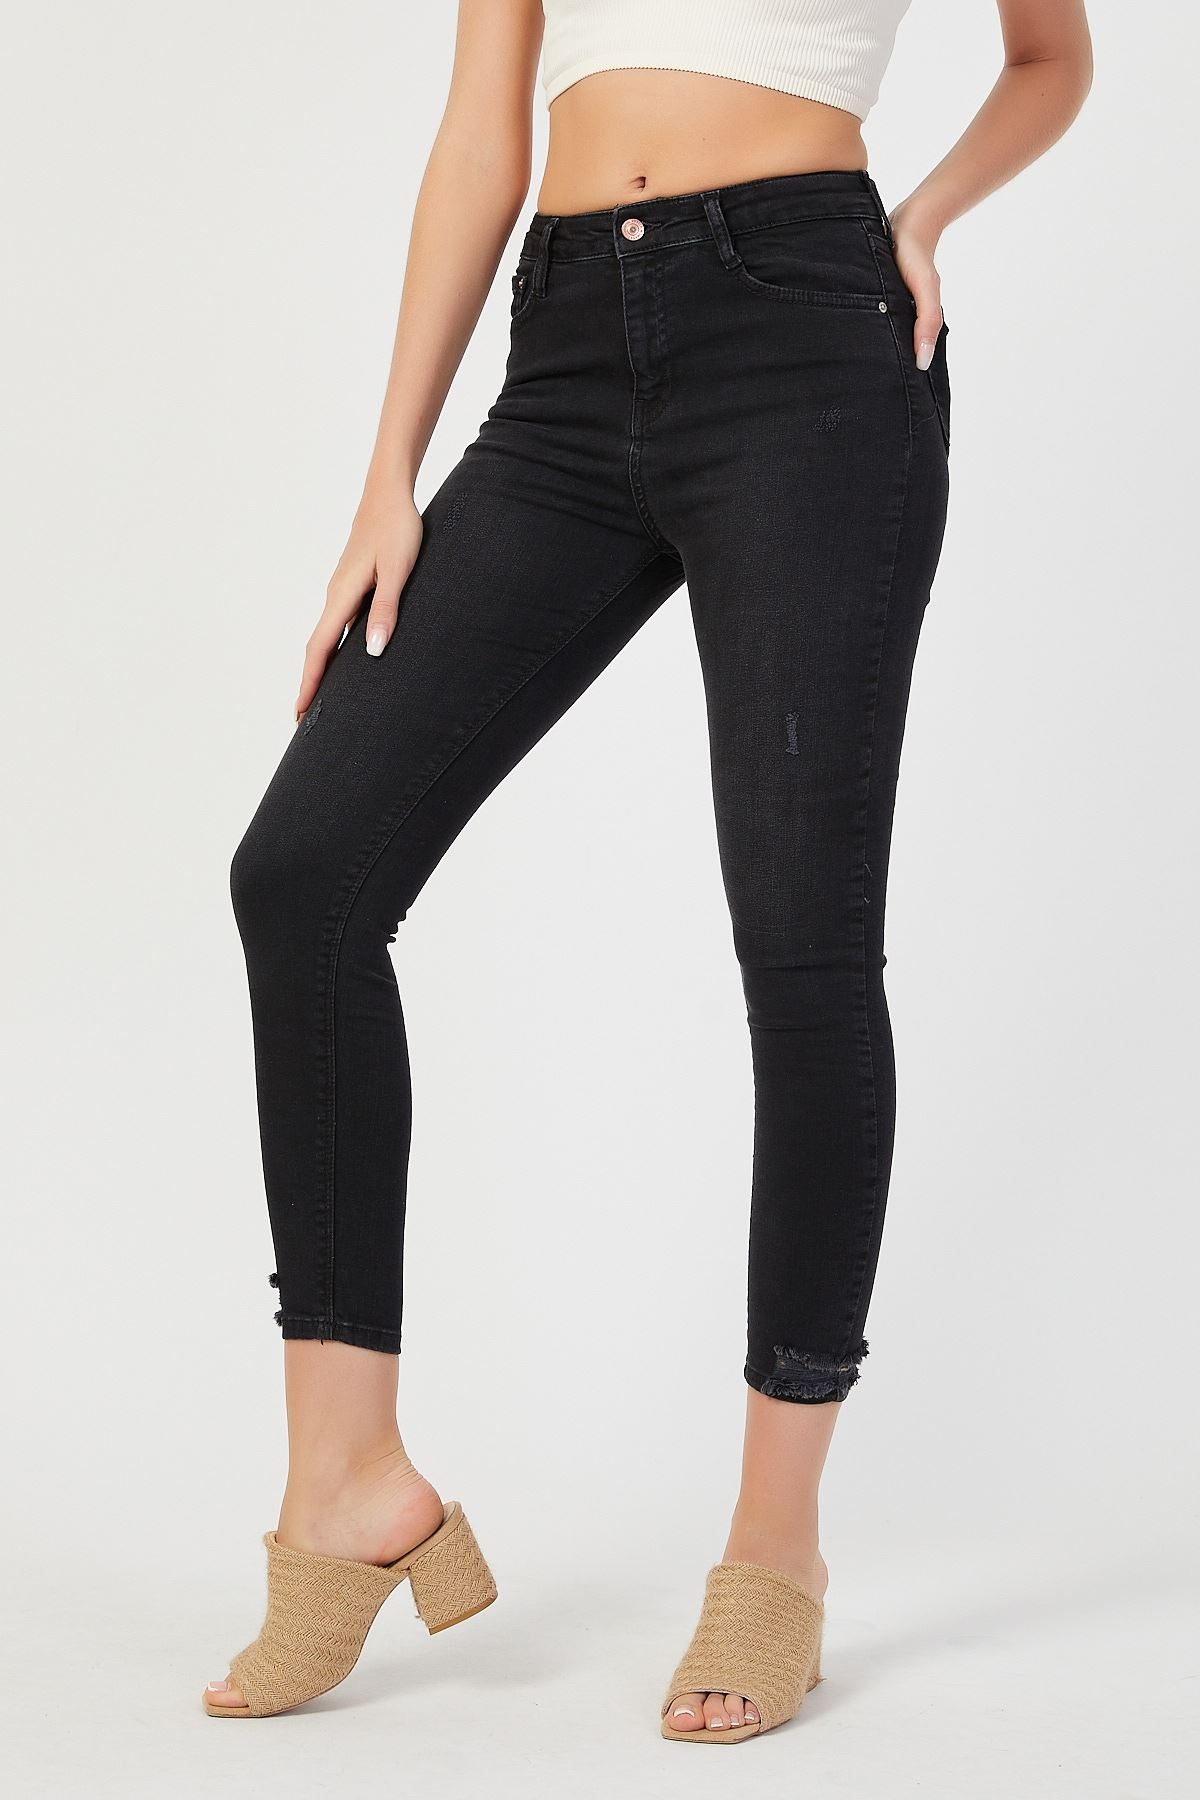 Paça Yıpratmalı Yüksek Bel Kot Pantolon